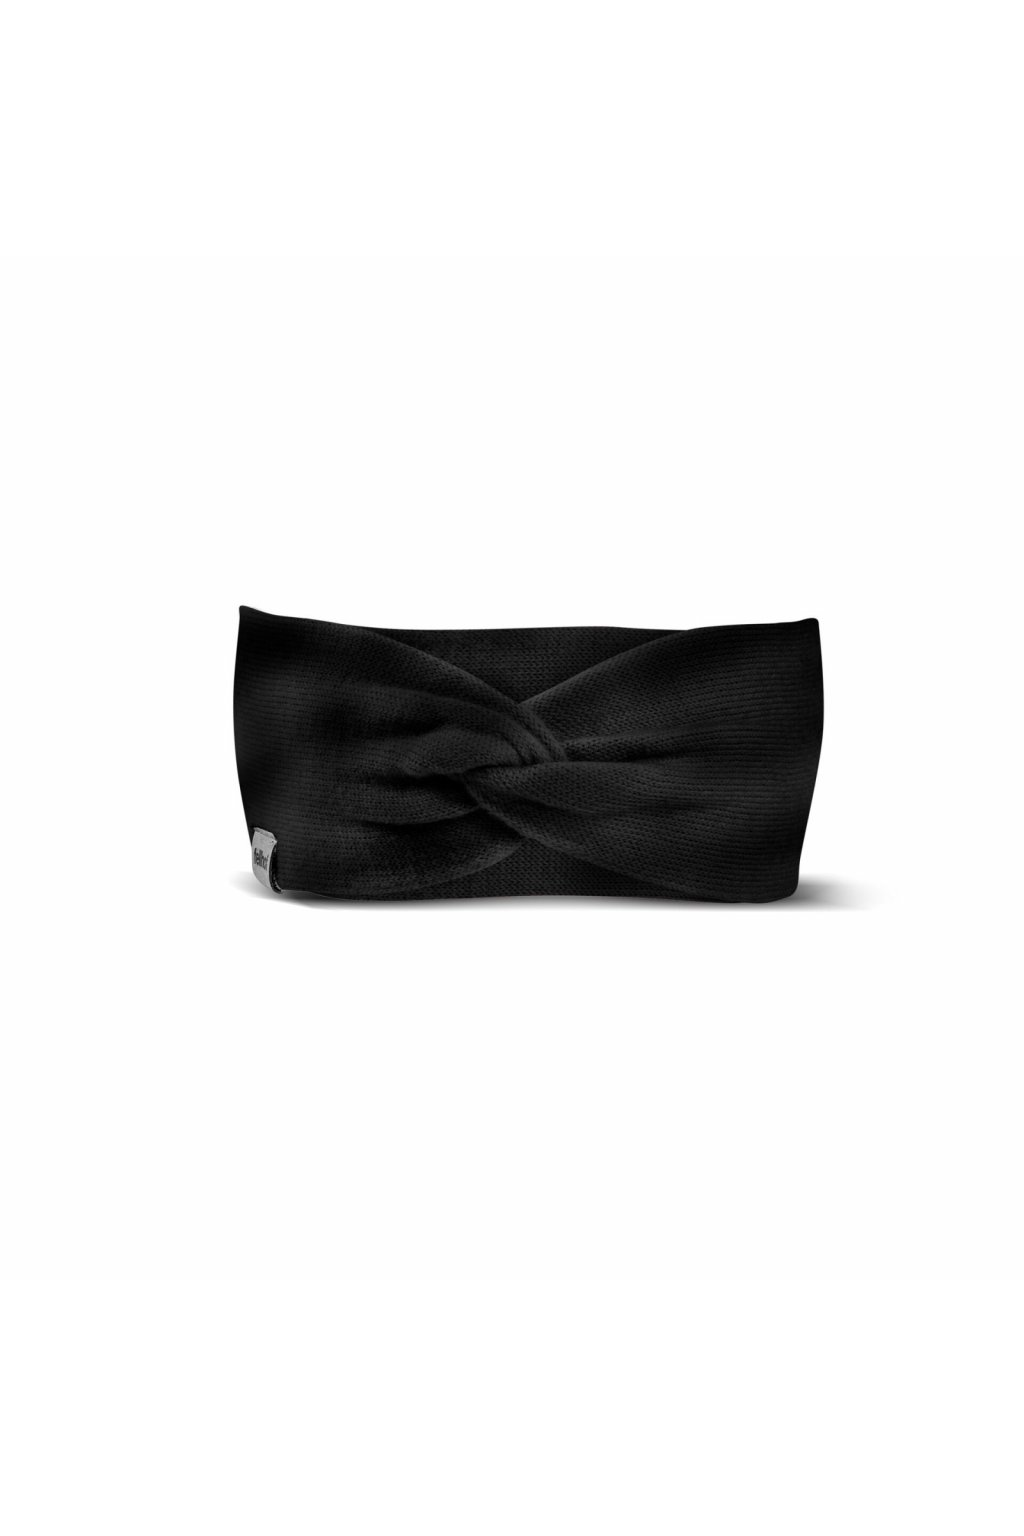 Merino Stirnband HANNAH schwarz 0